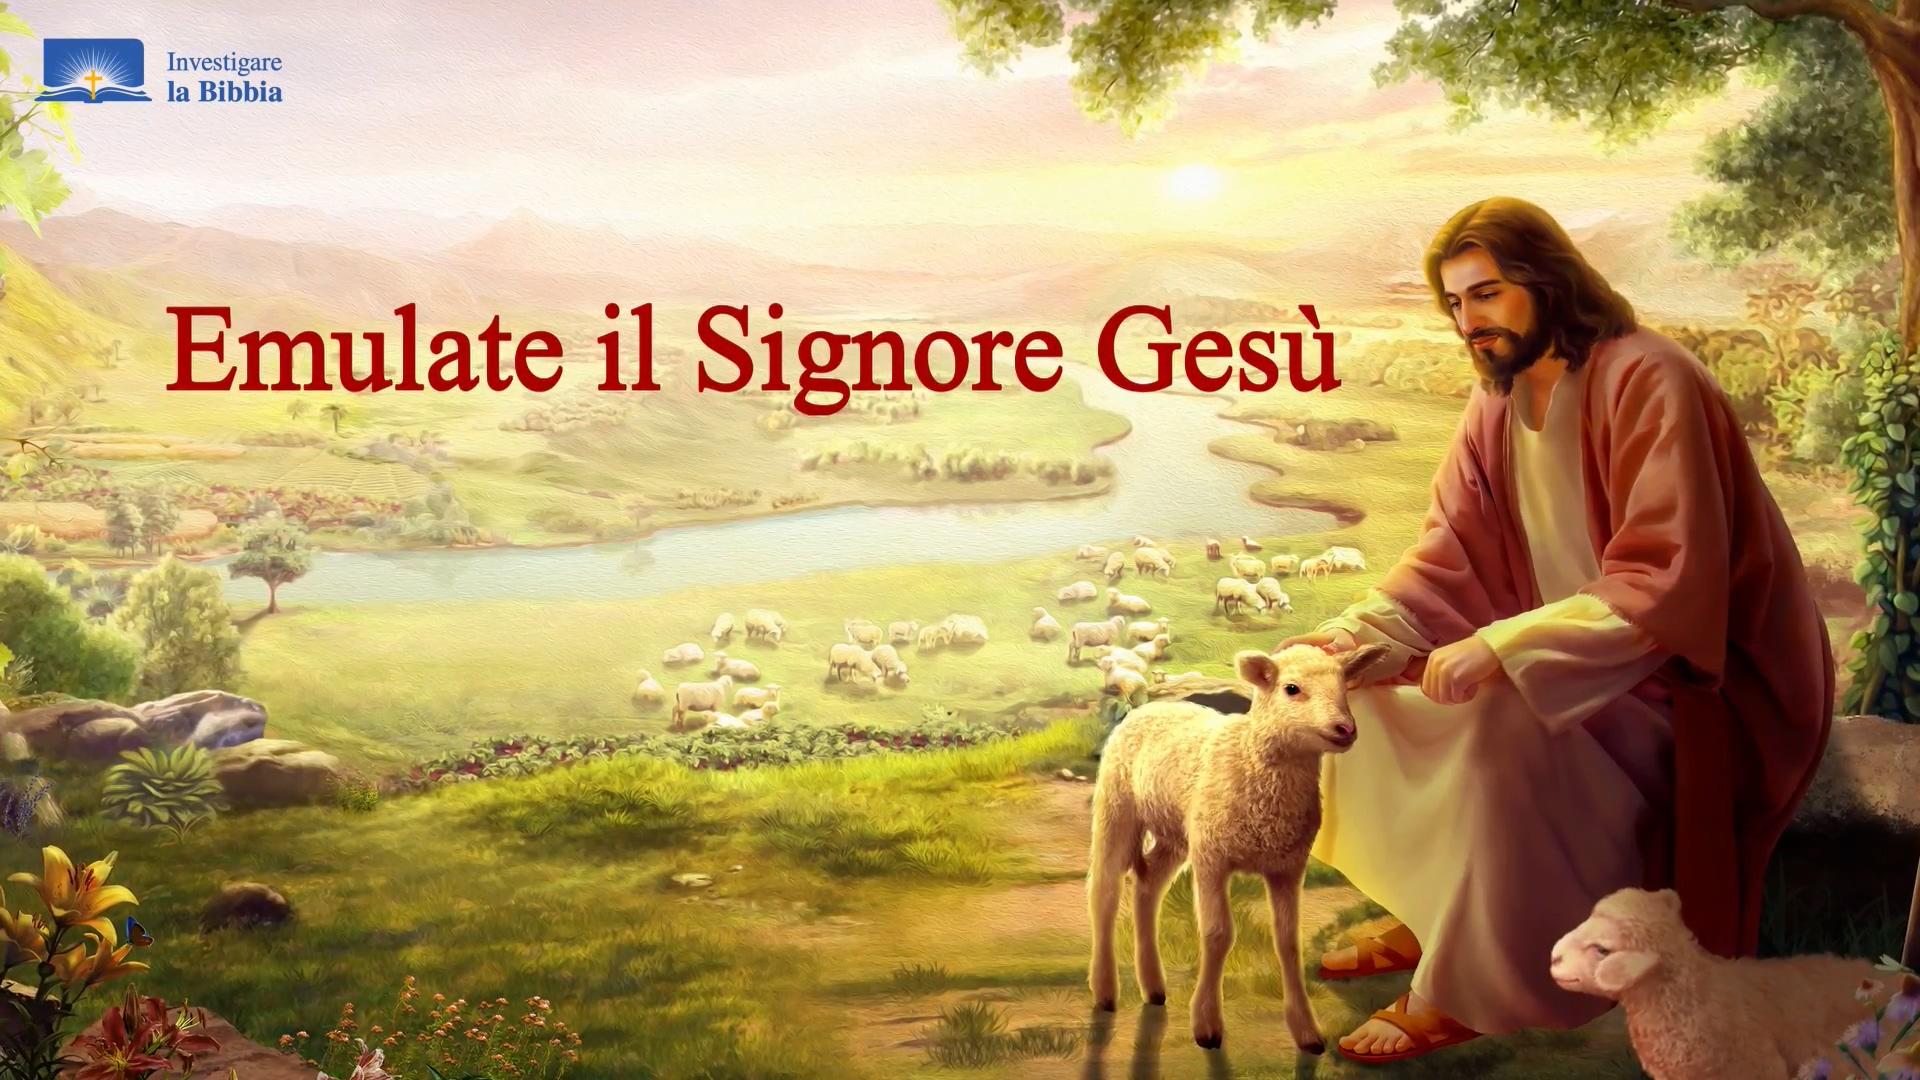 Gesù in cerca di pecore smarrite